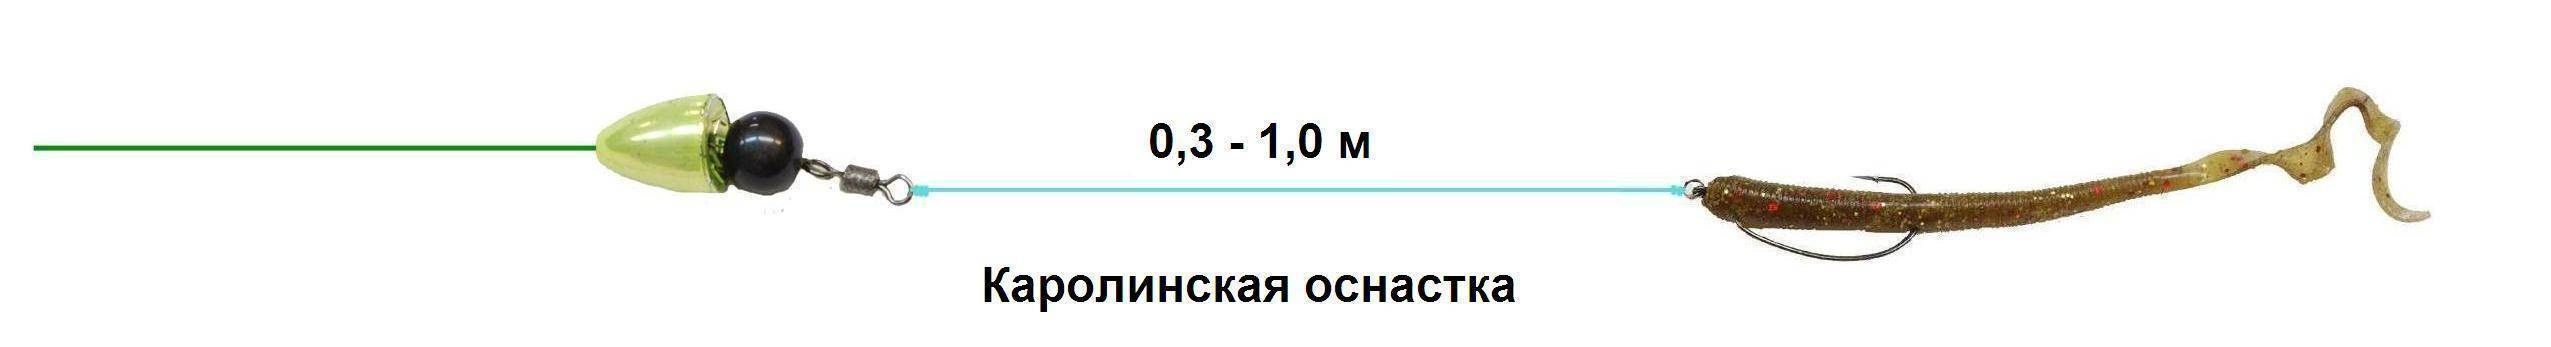 Поводковые оснастки-техасская,каролинская,отводной поводок,московская